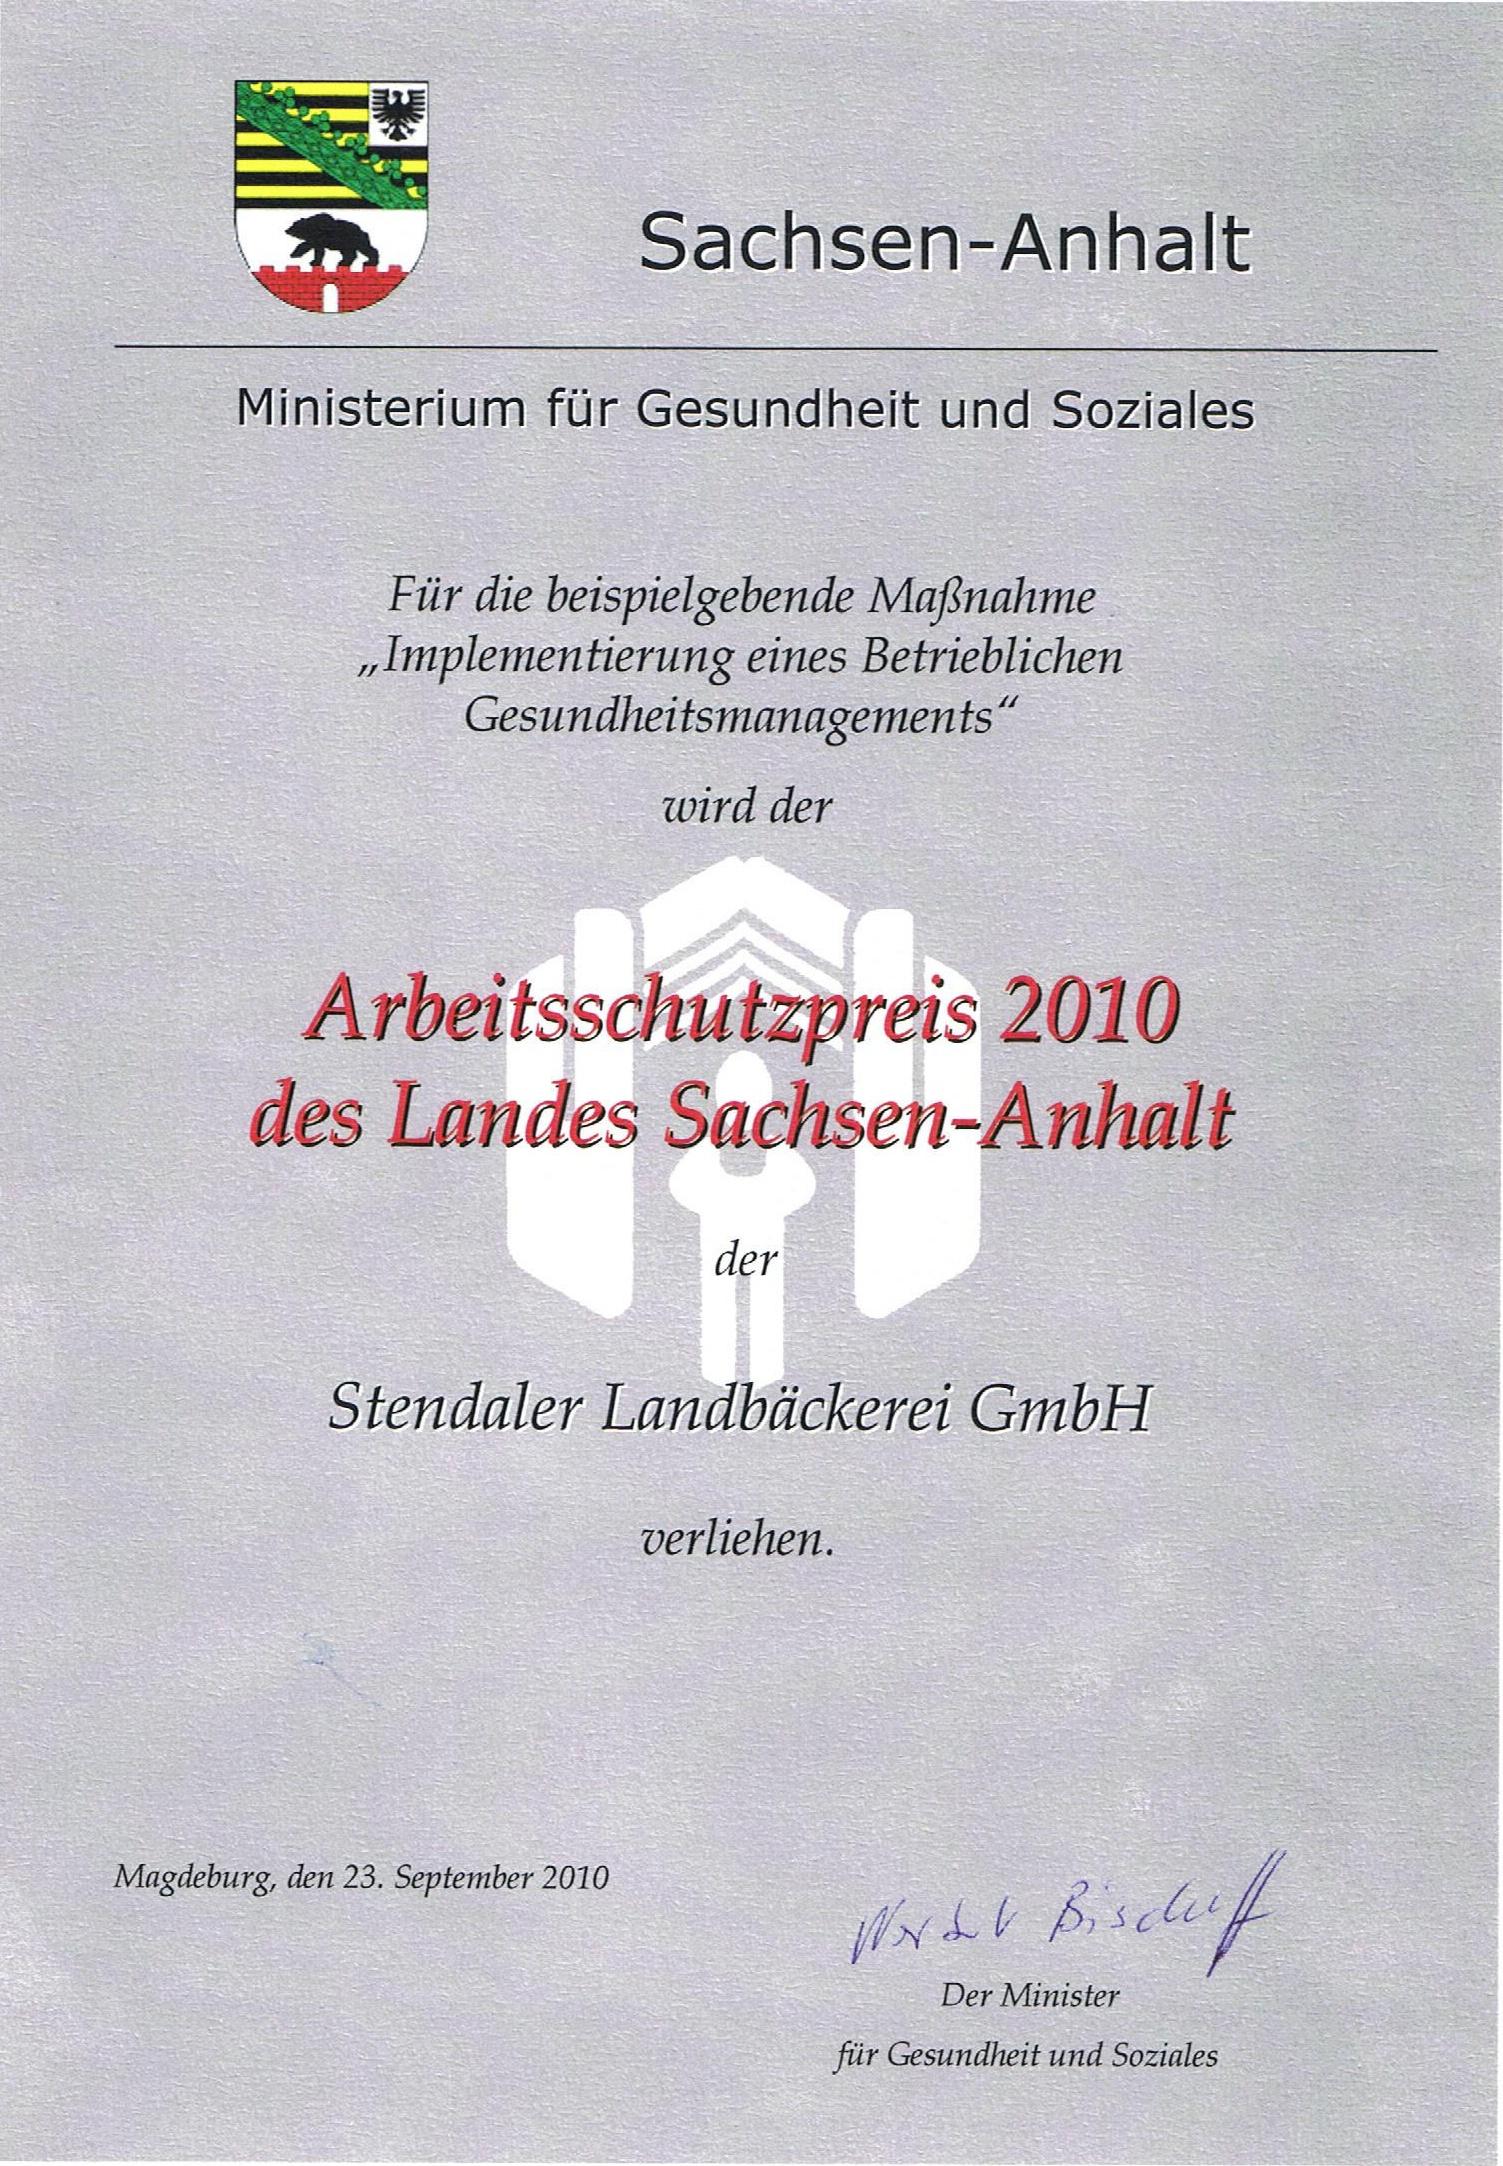 Arbeitsschutzpreis2010.JPG